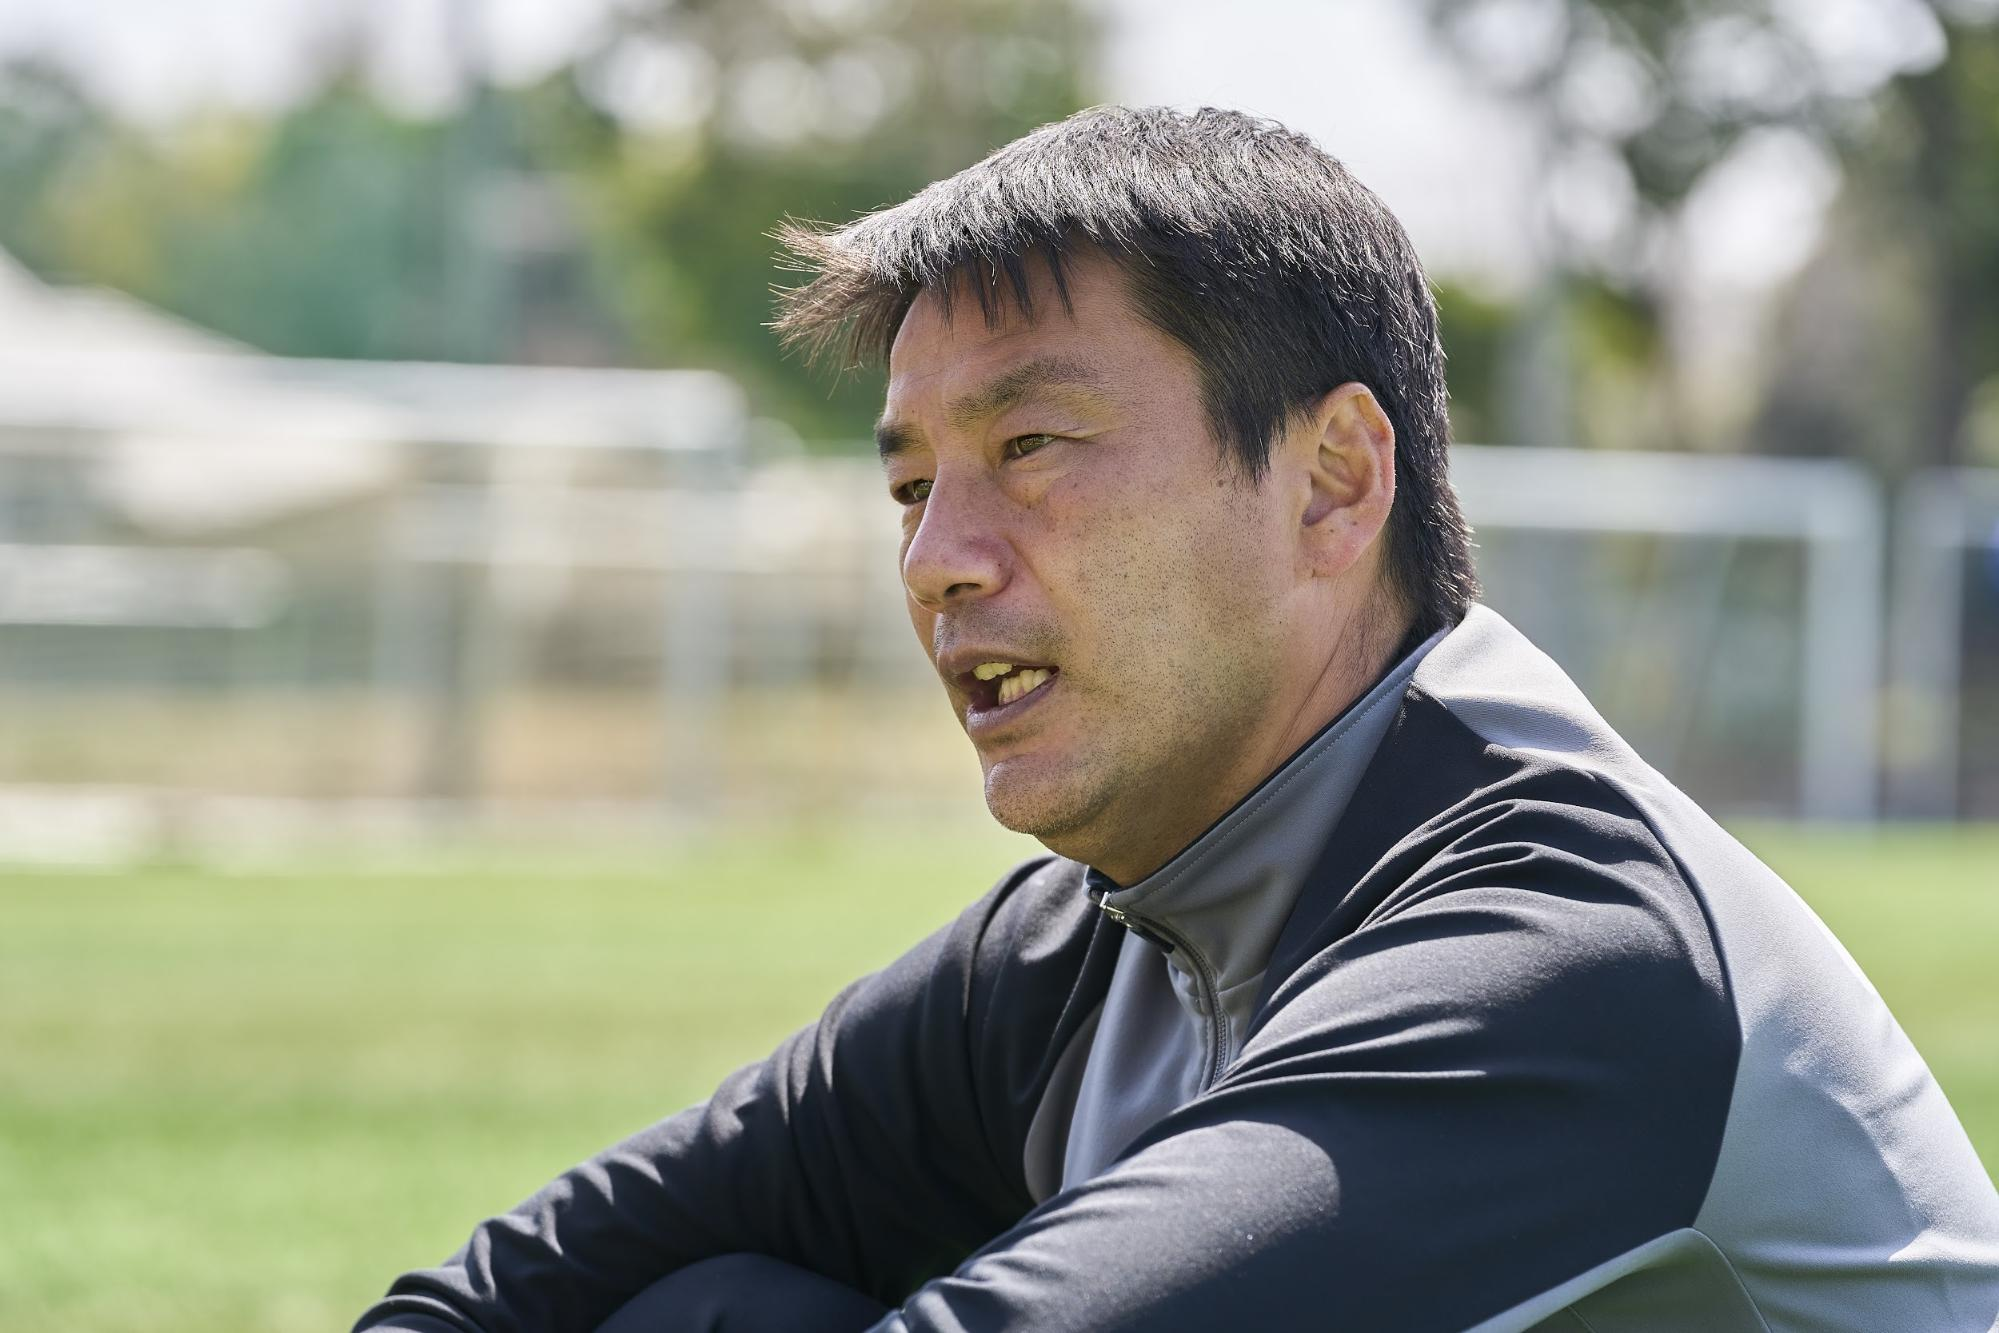 日本体育大学柏高校 サッカー部監督兼アカデミーコーチ 根引 謙介 氏